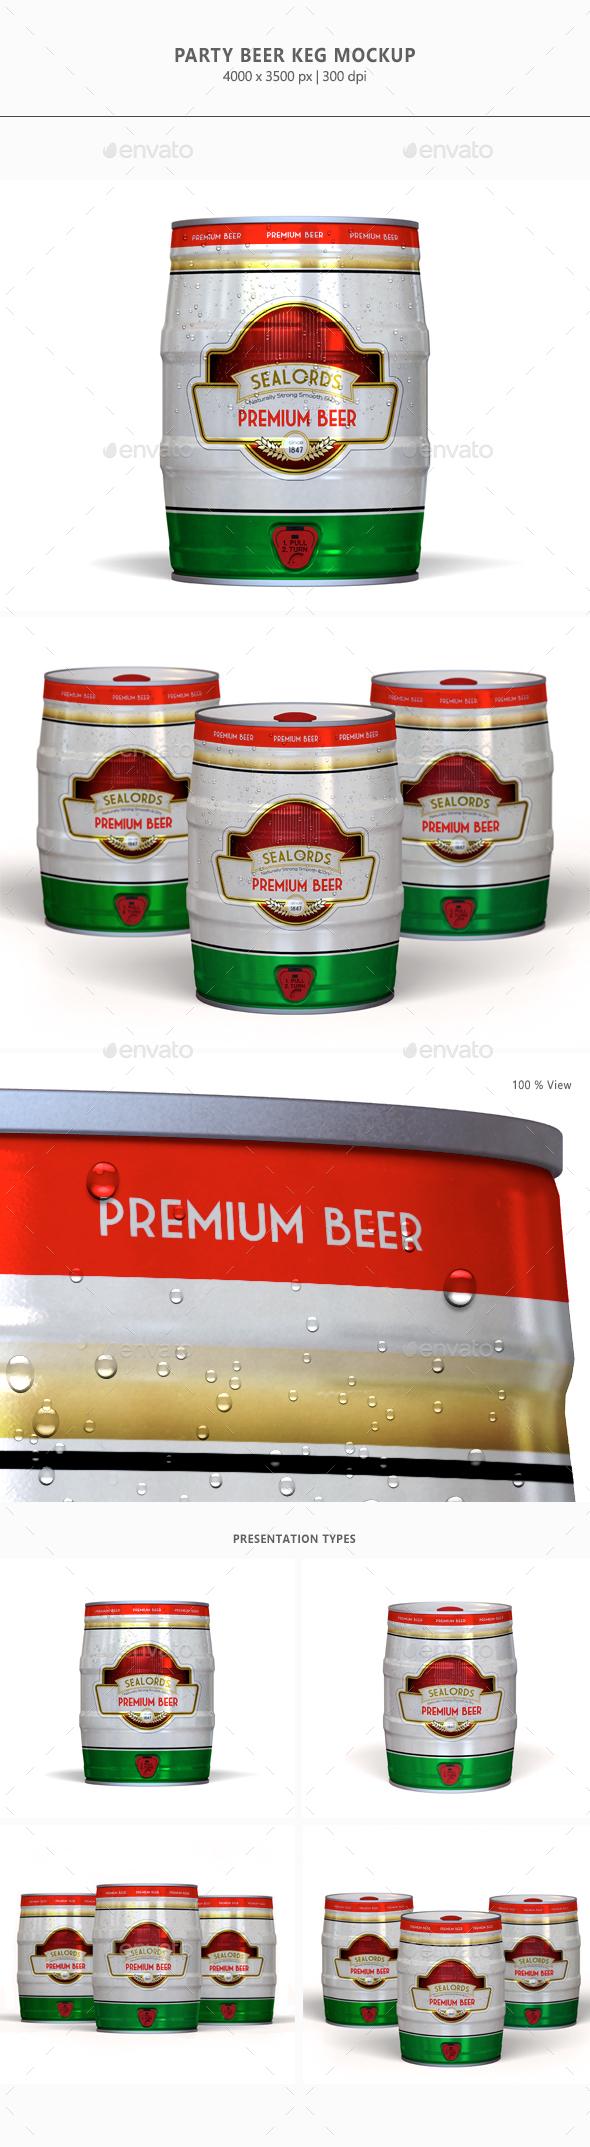 Party Beer Keg Mock-up - Food and Drink Packaging